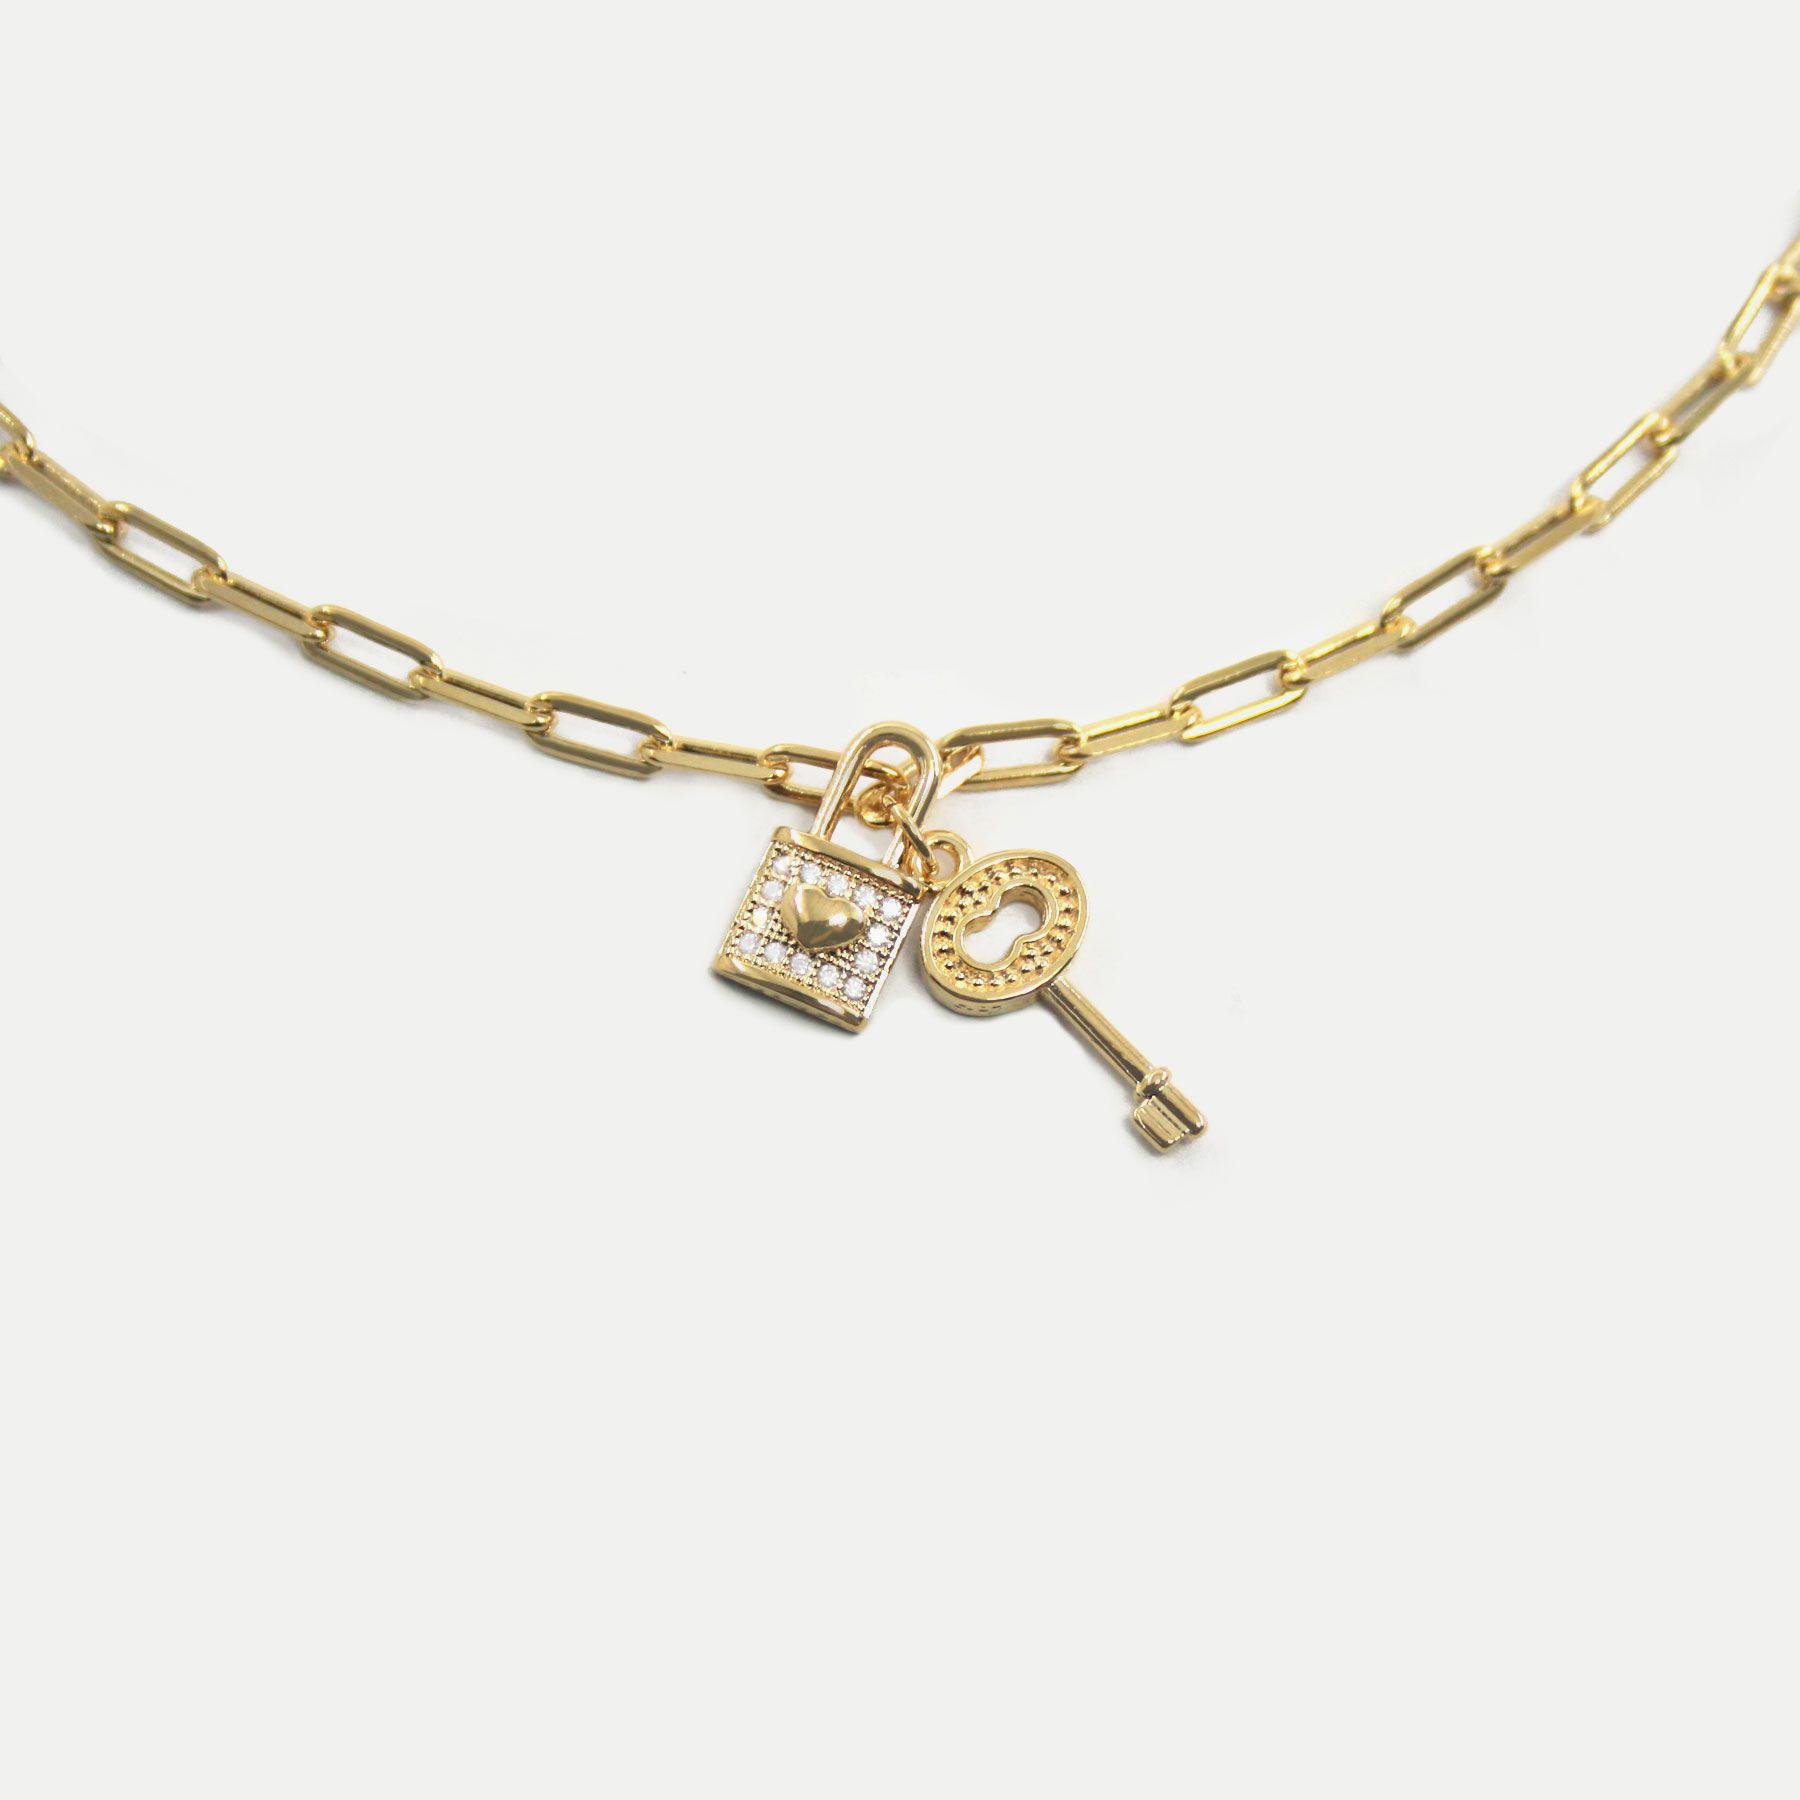 Colar Curto Corrente Elos Achatados com Pingentes de Cadeado e Chave Banhado em Ouro 18k